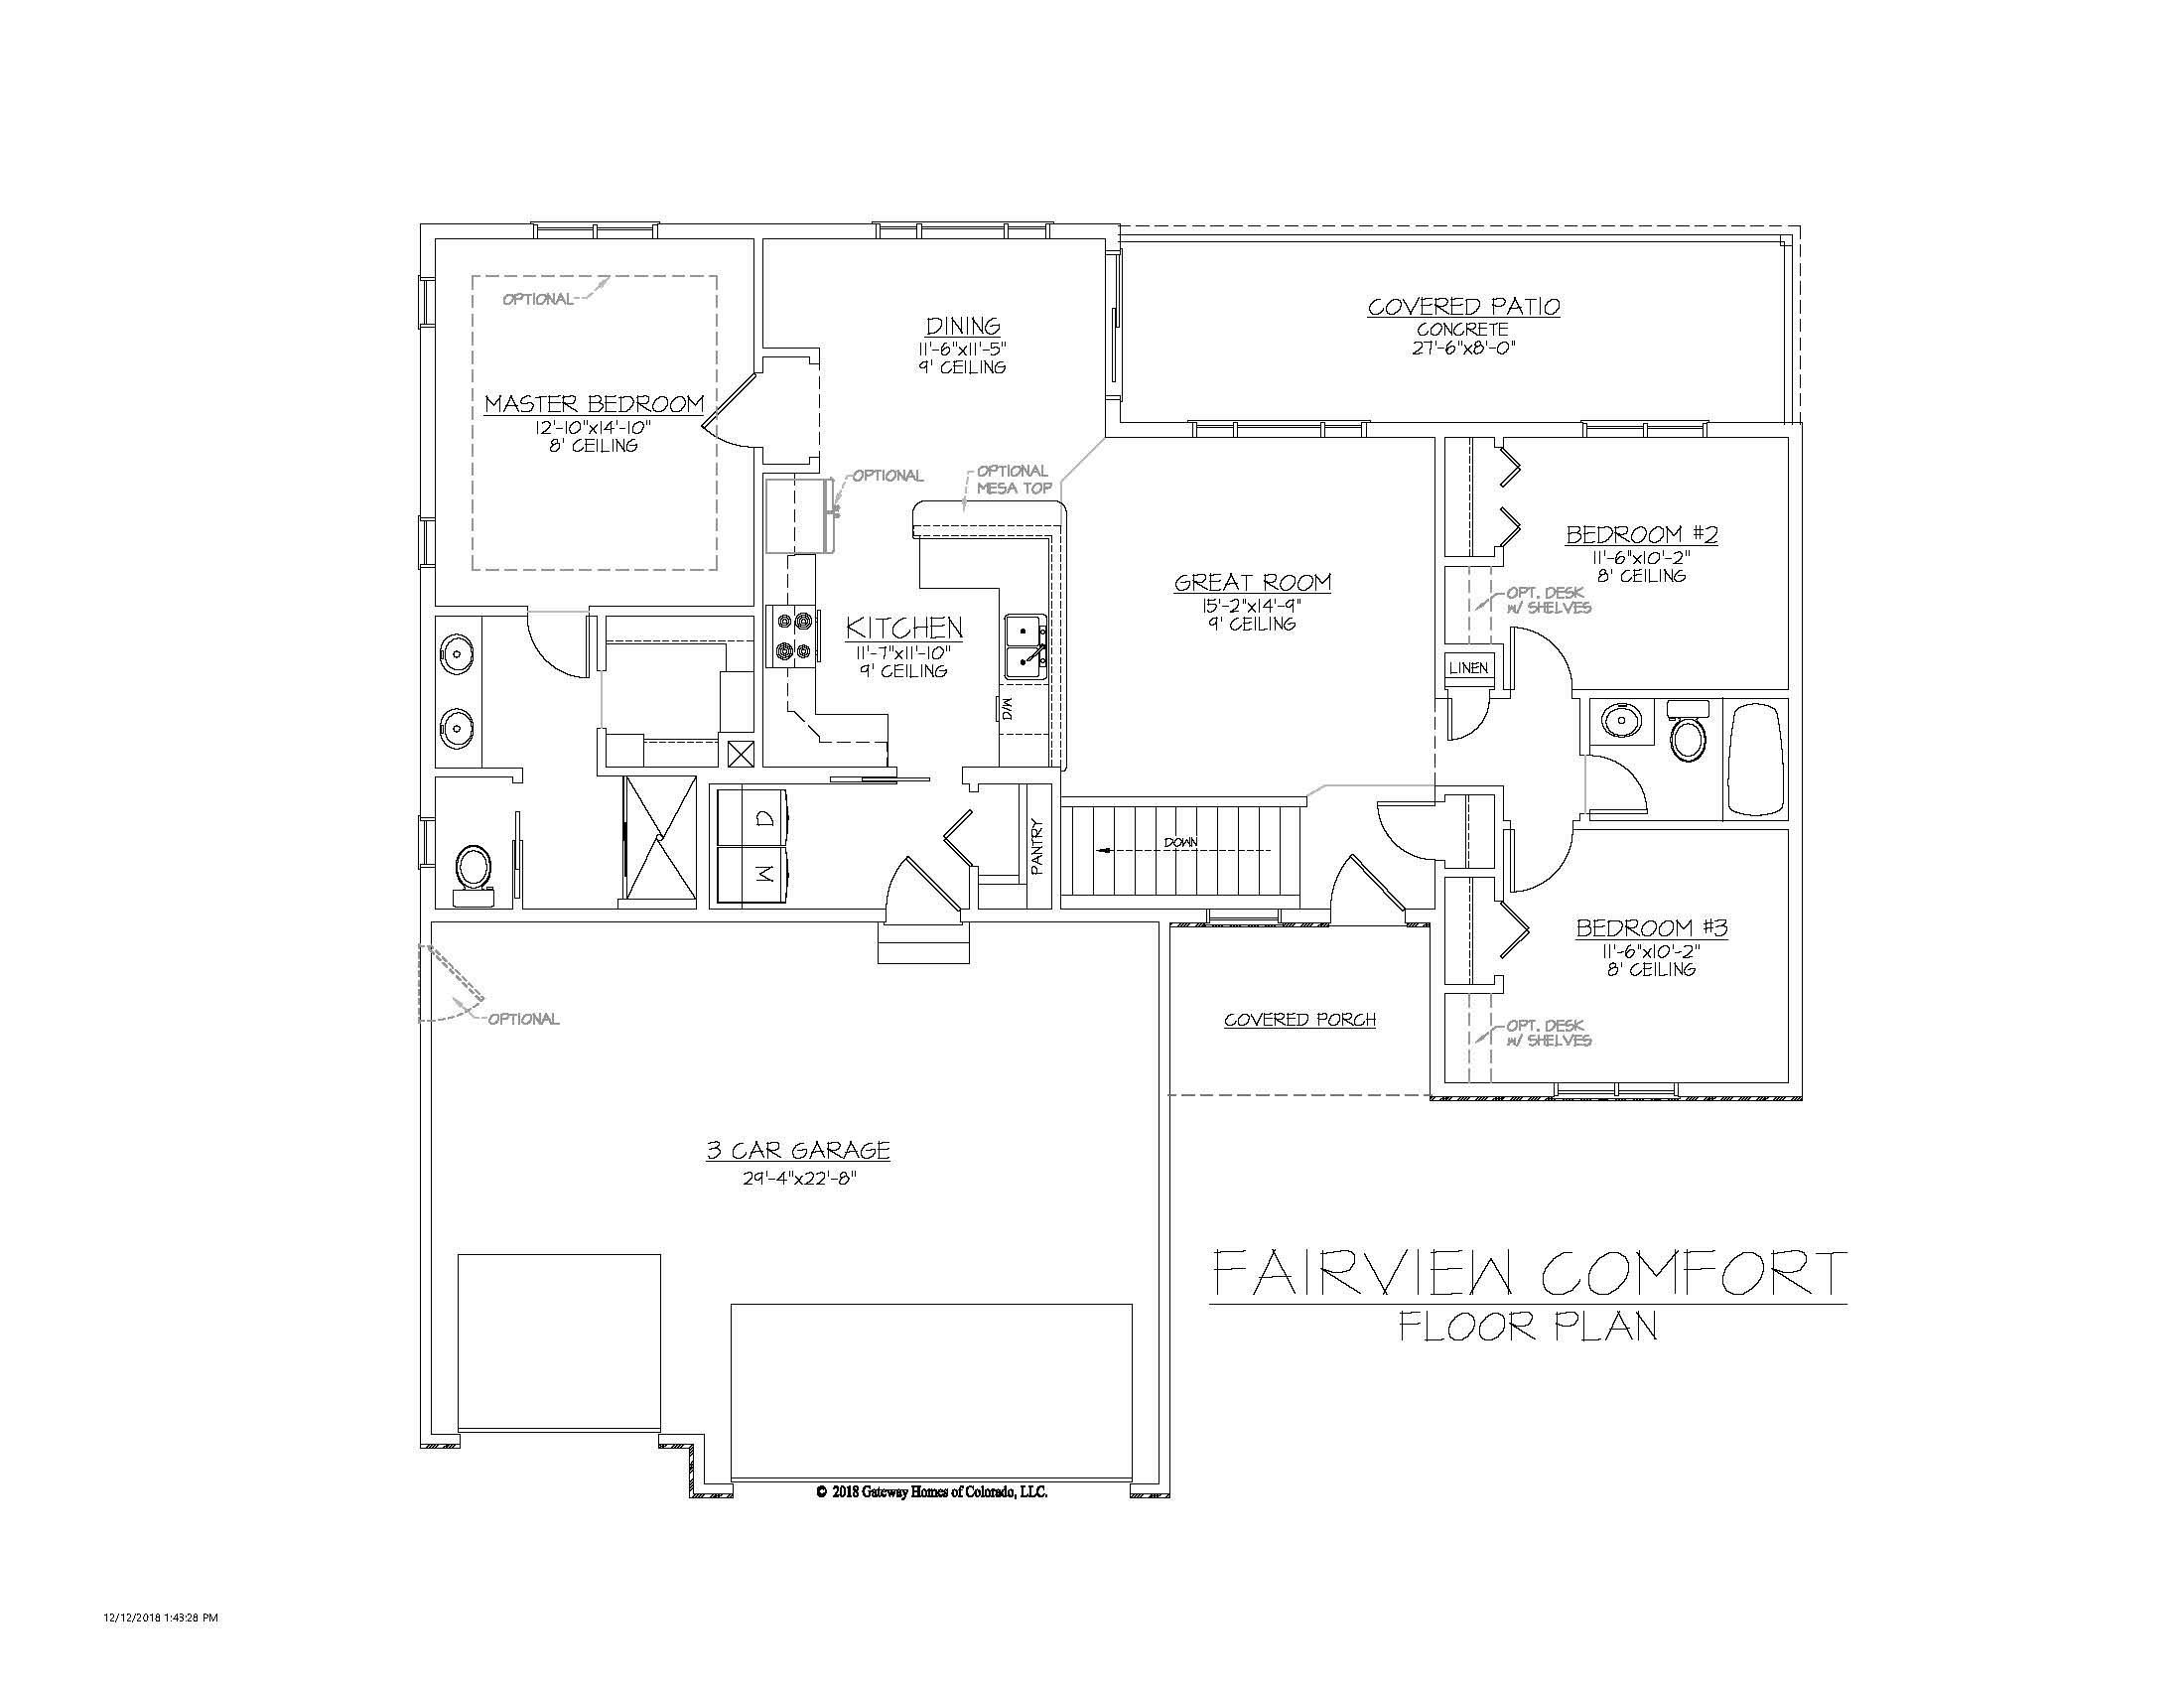 SM Fairview Comfort Fplan